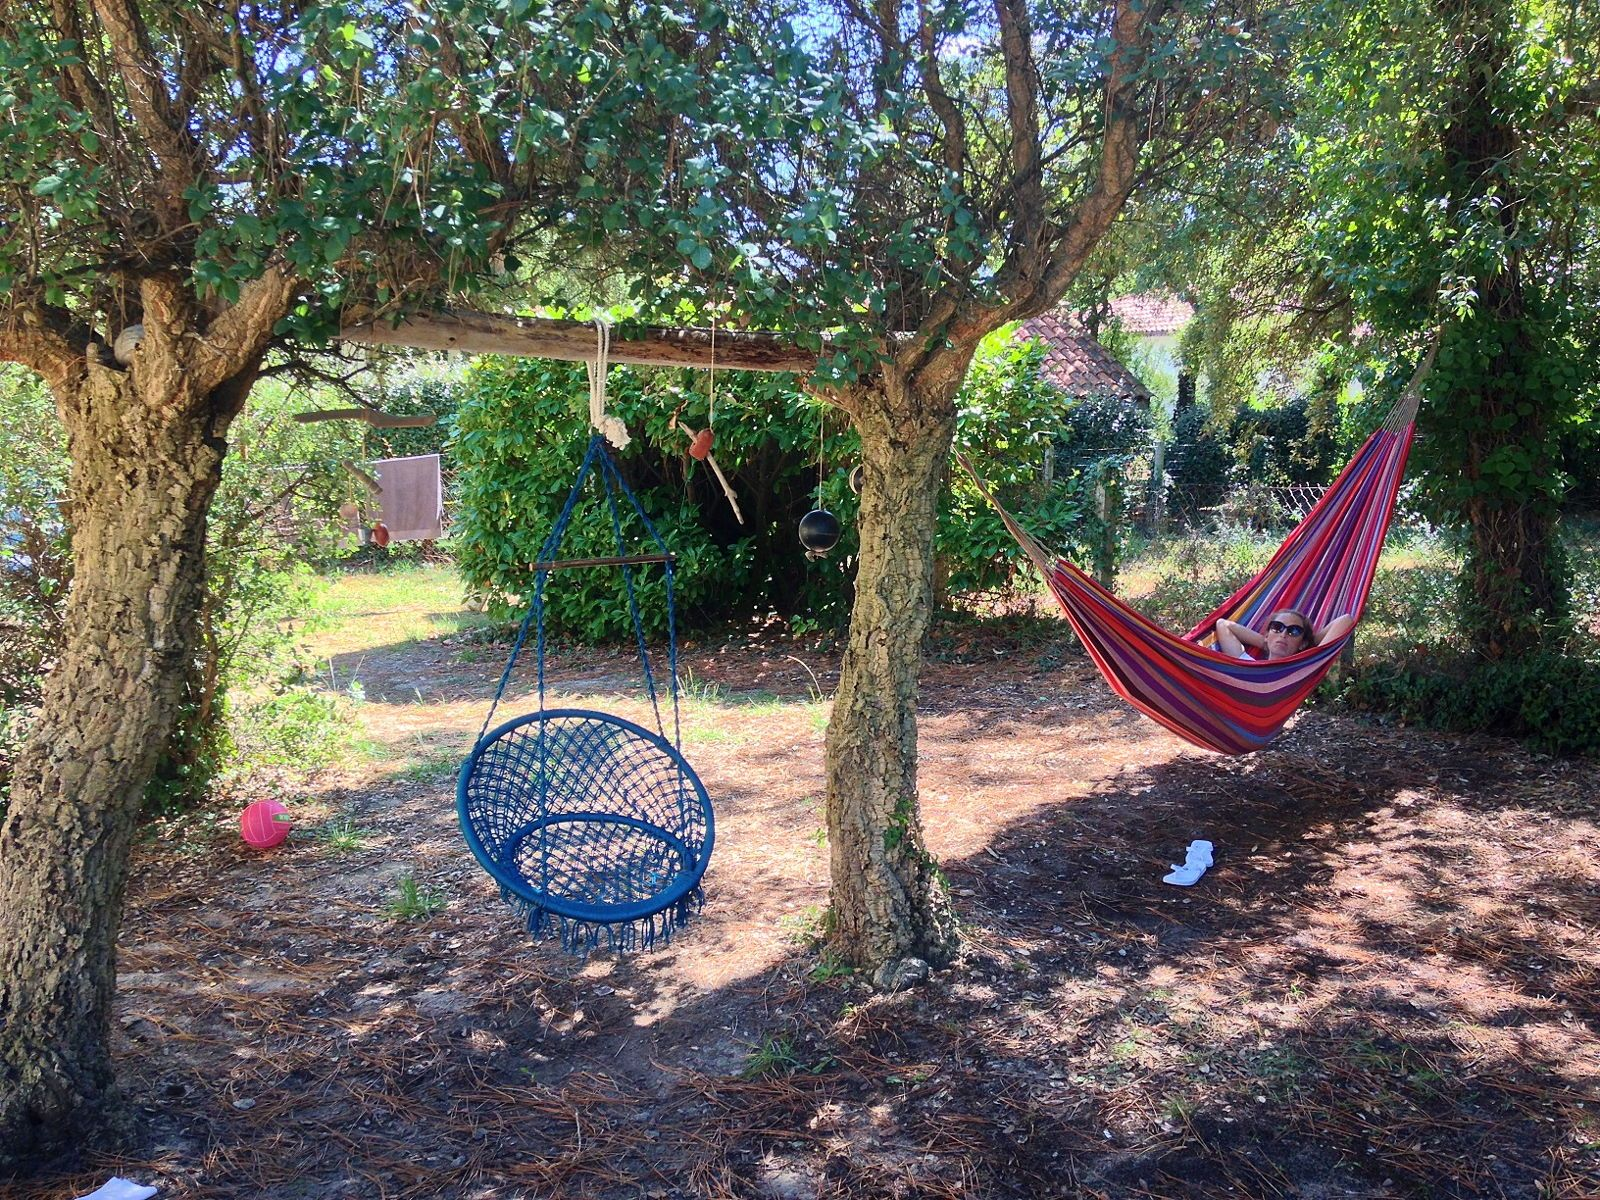 Loue maison de plage avec jardin dans les Landes 8couchages